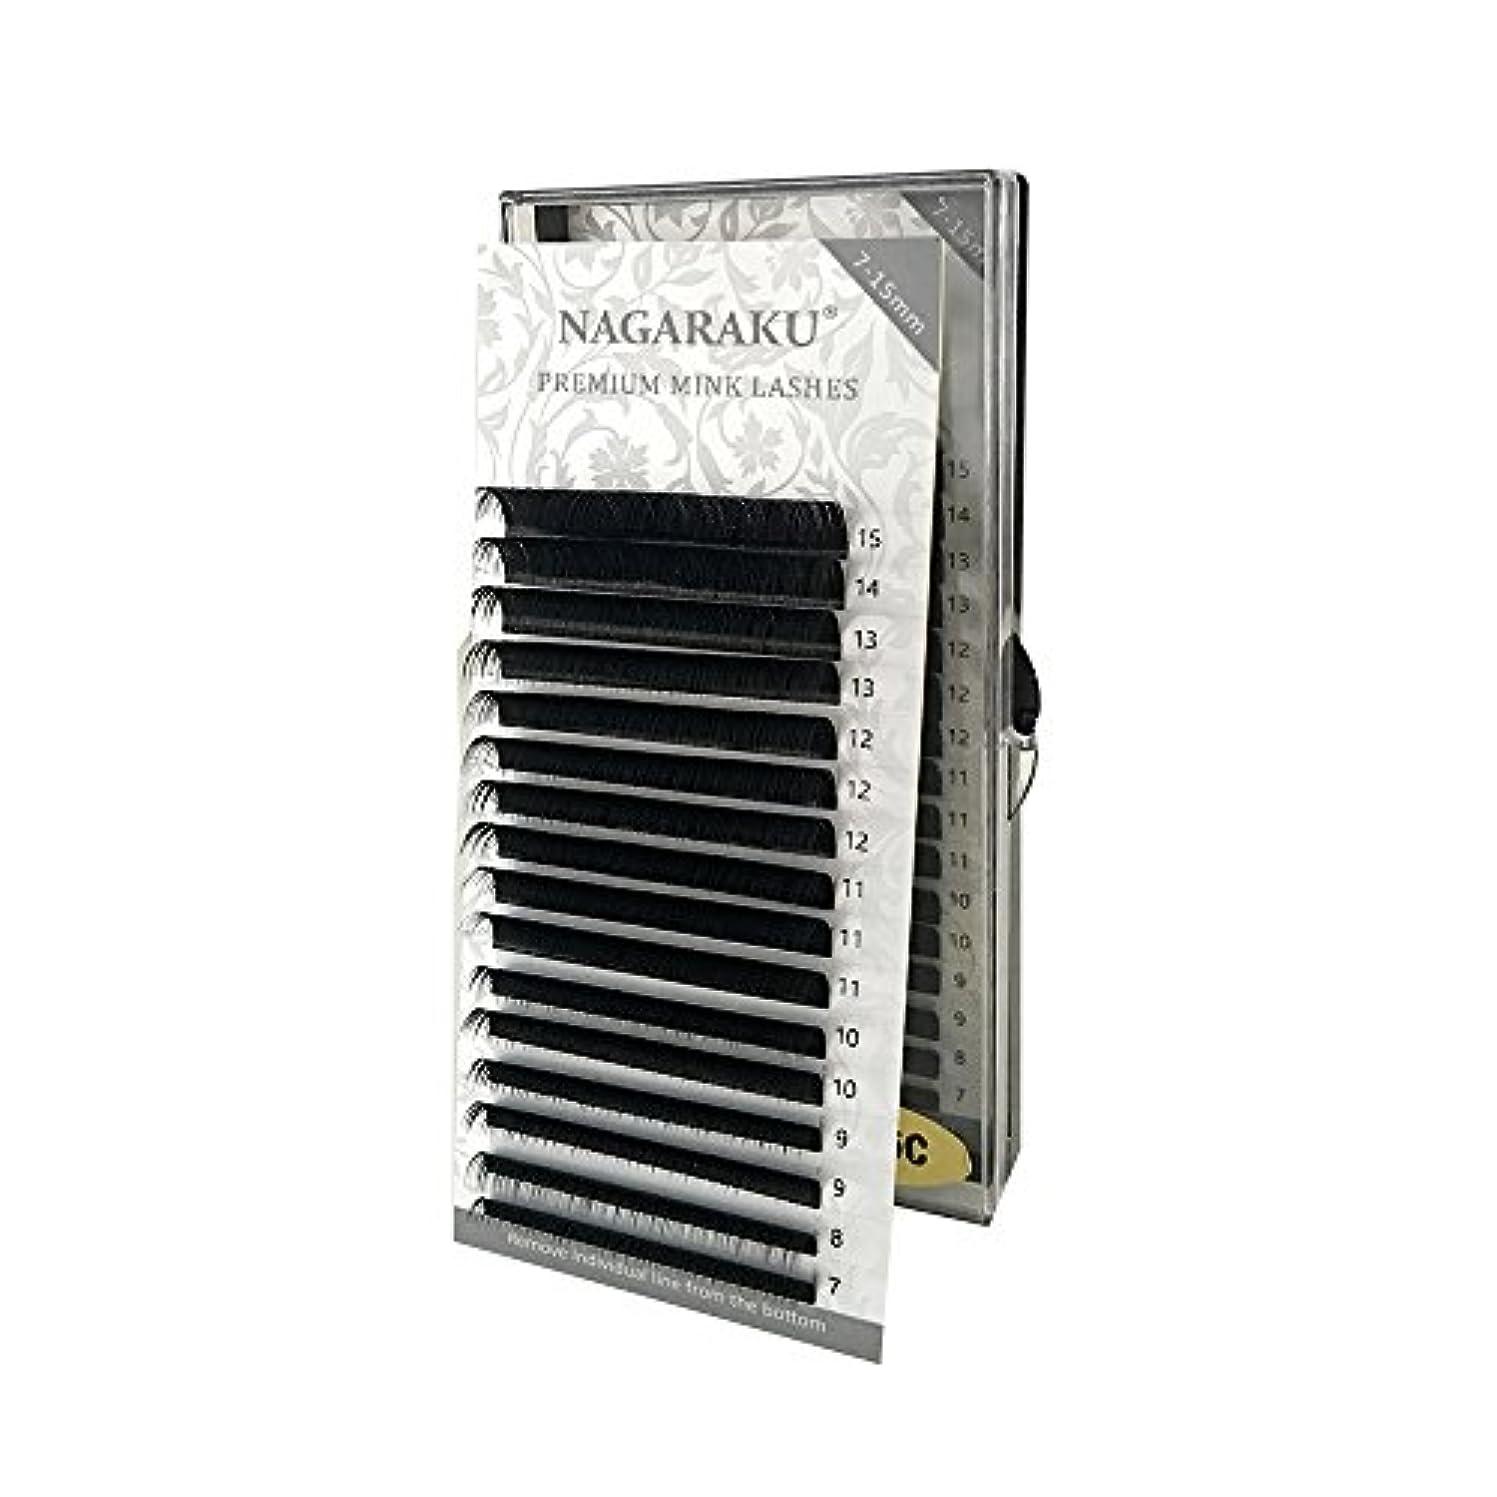 認知存在する召喚するNAGARAKU 太さ0.12mm J カール 7~15mmミックス まつ毛エクステンション